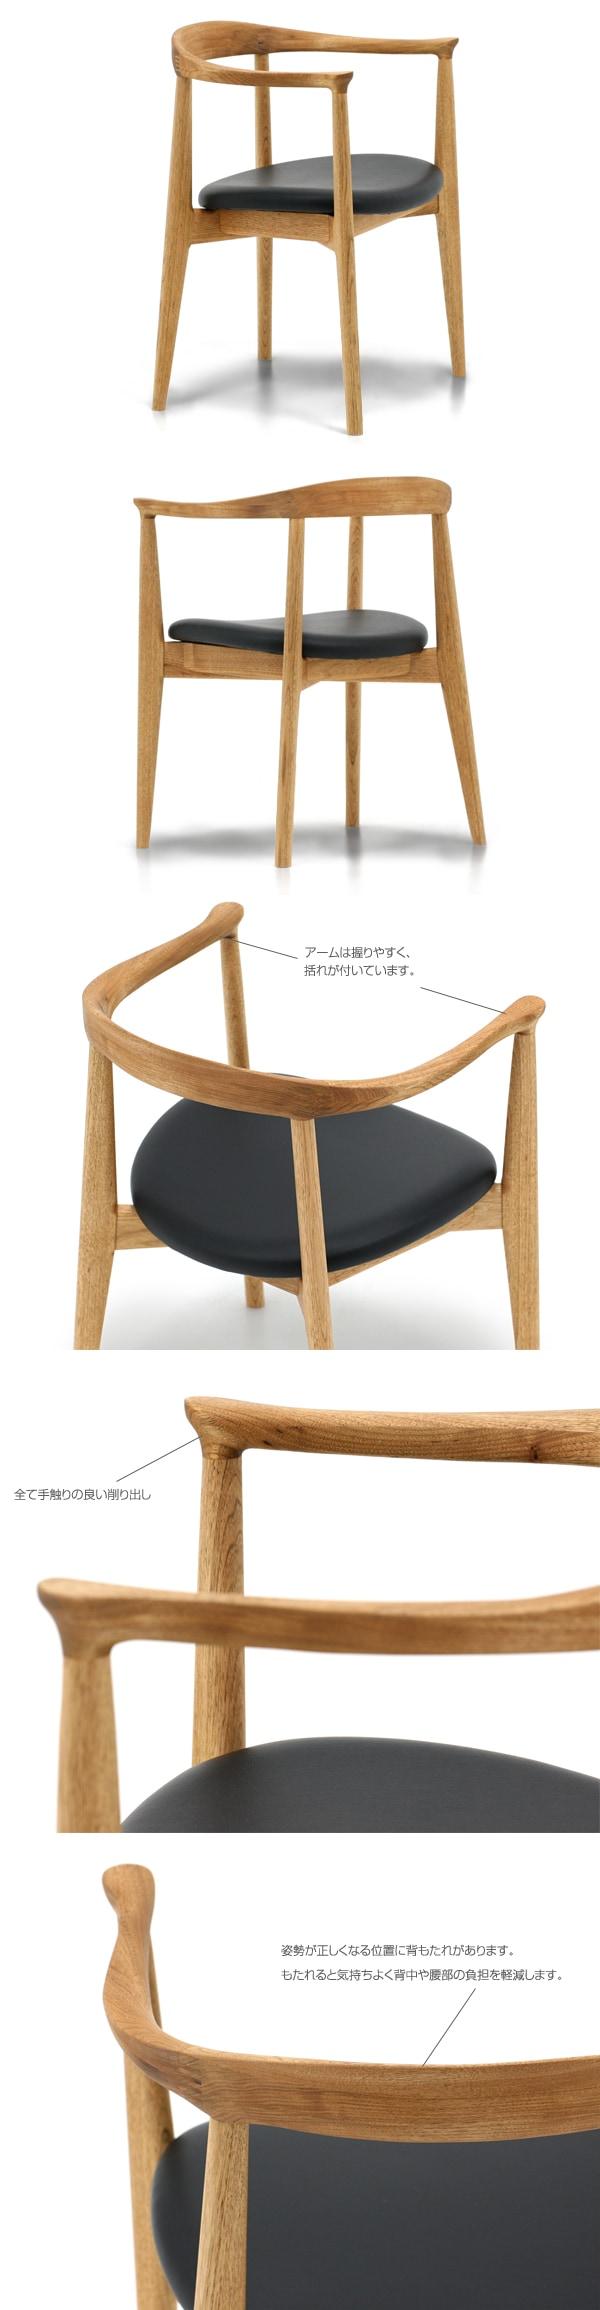 手作り,家具,椅子,ハンドメイド,北欧スタイル家具,天然木